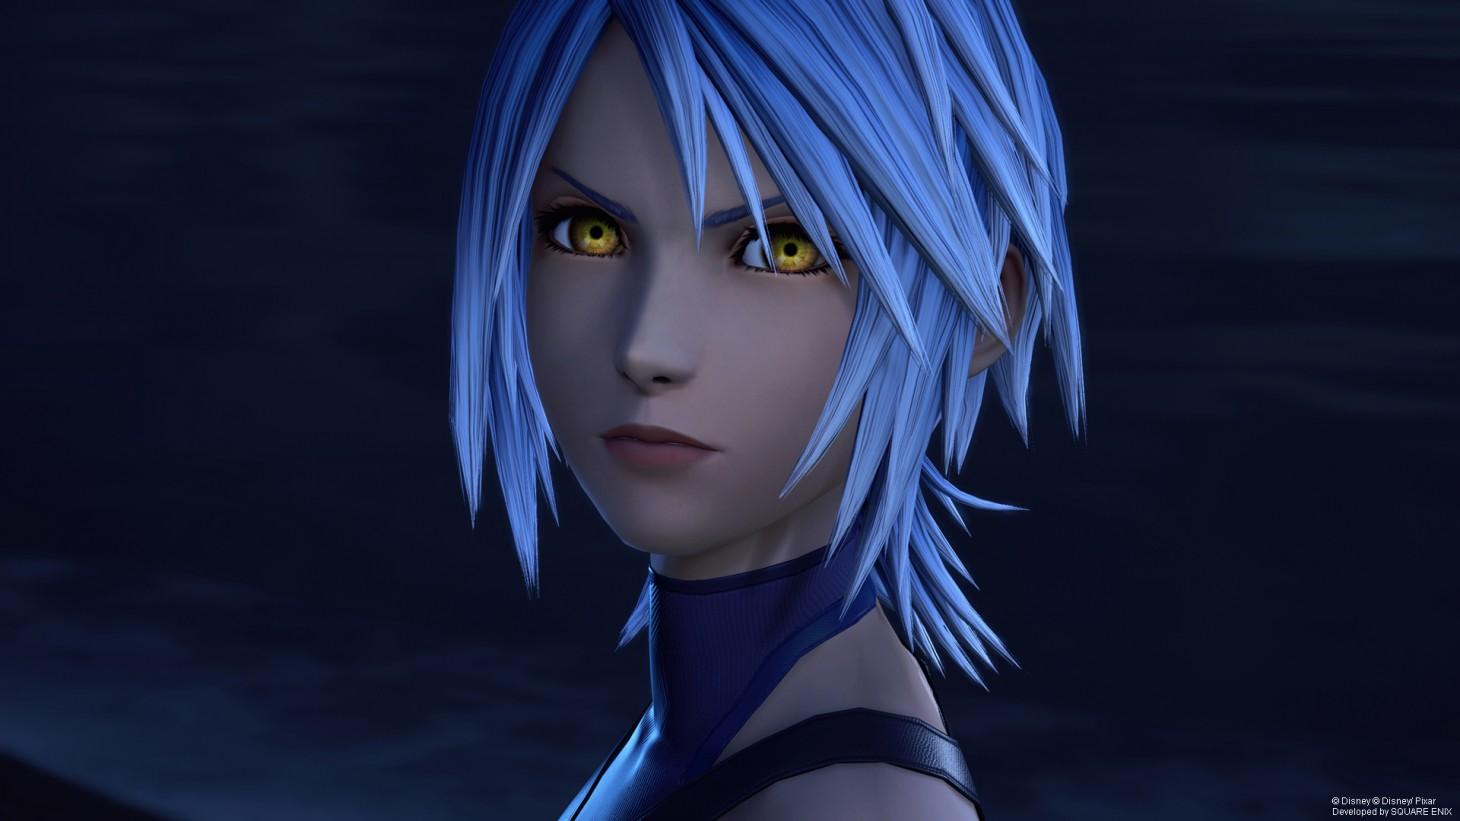 Kingdom Hearts 3 Aqua